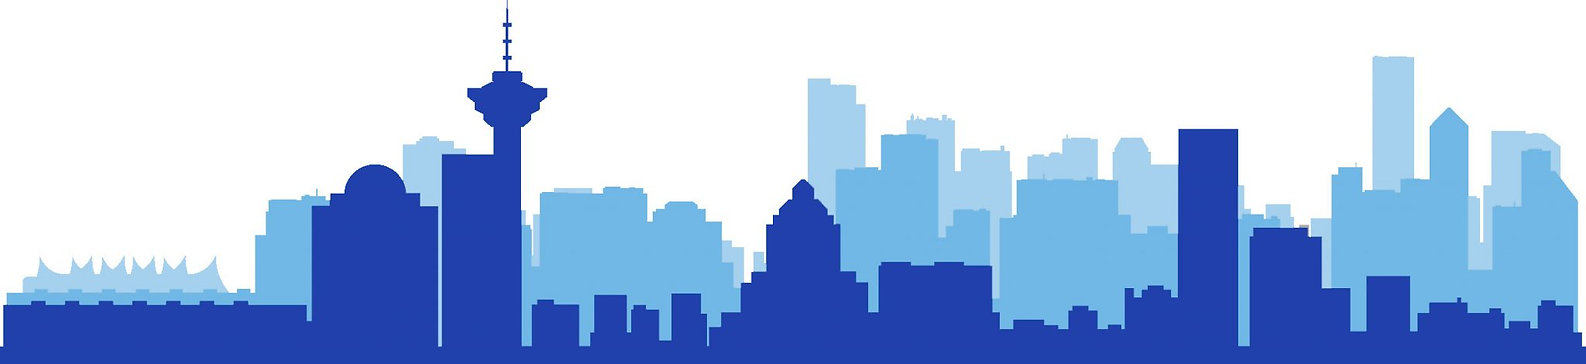 vancouver-city-skyline.jpg